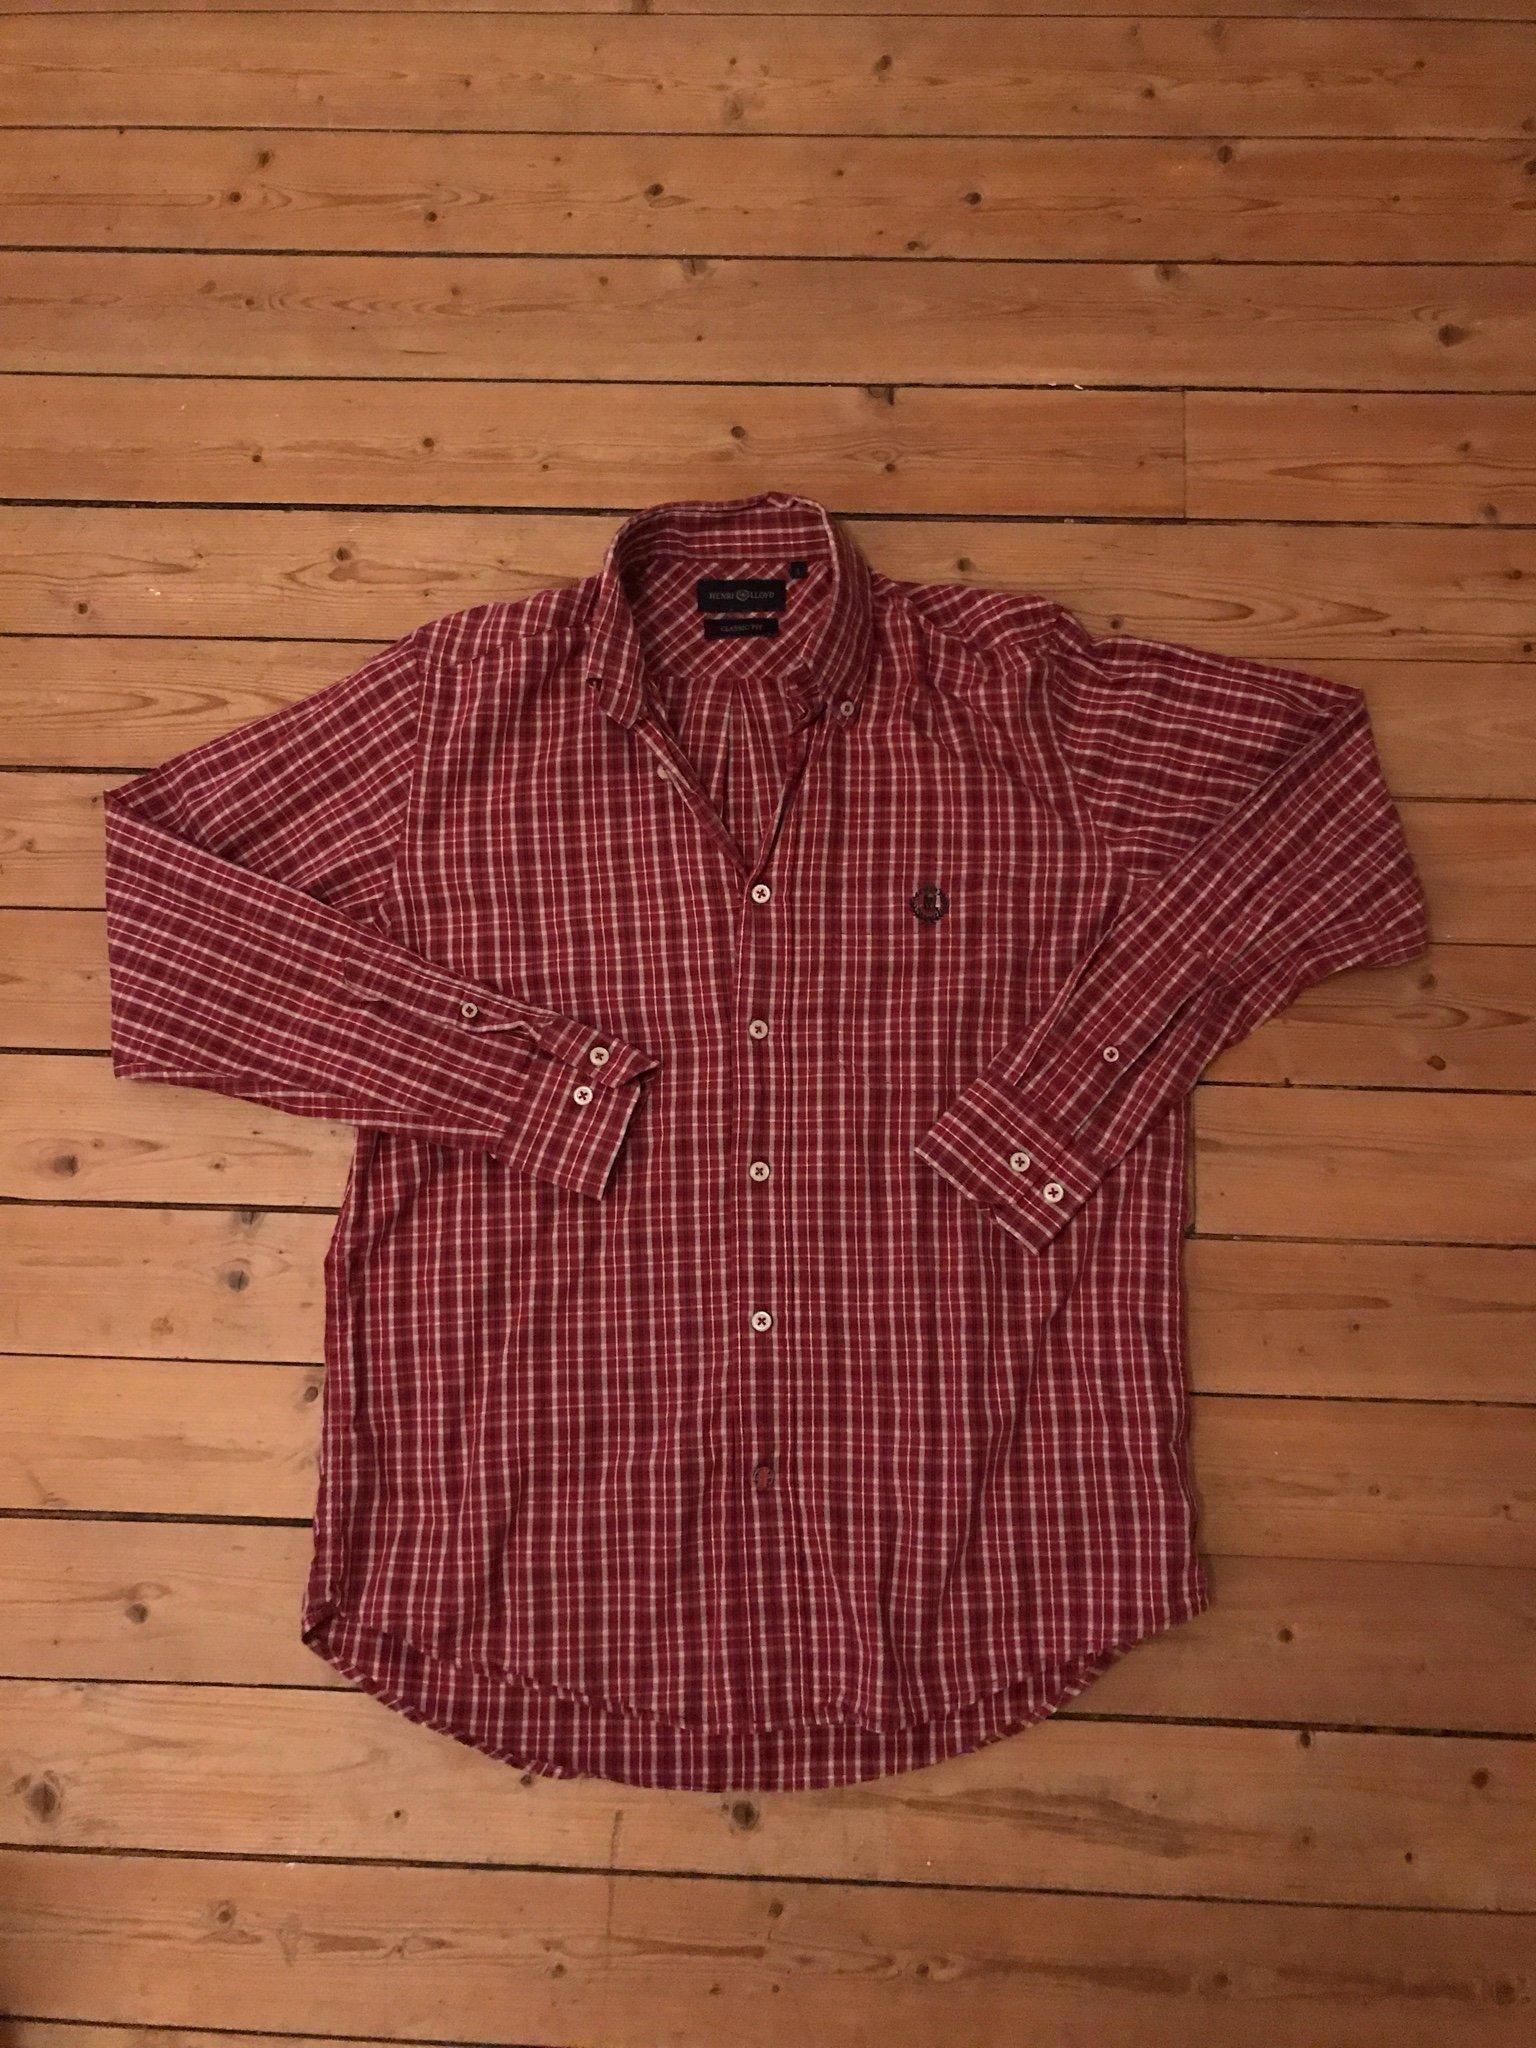 Storbritannien tillgänglighet begränsad garanti första kurs Henri Lloyd skjorta (386804488) ᐈ Köp på Tradera